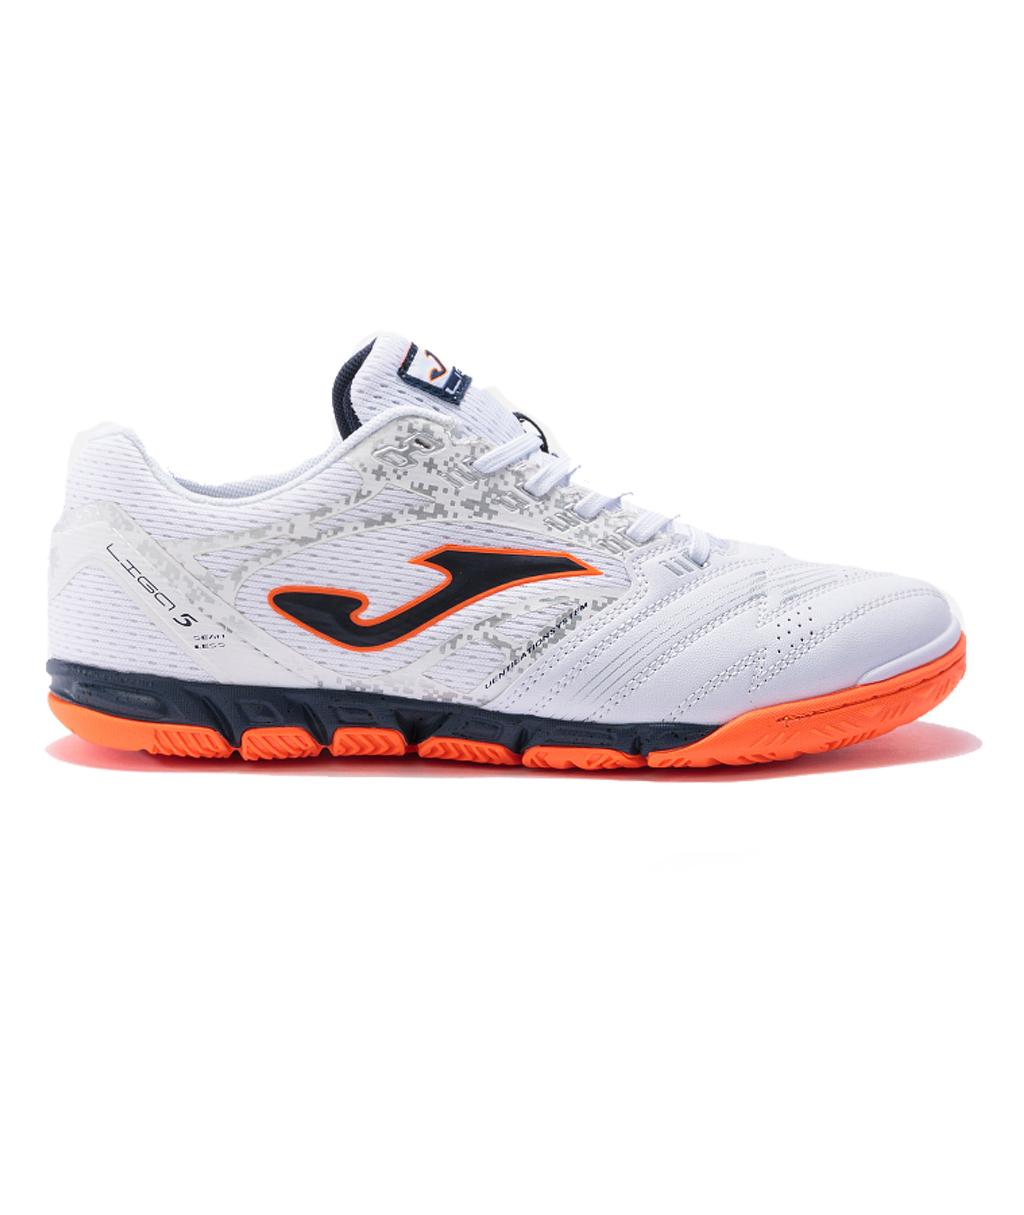 Купить футзалки Joma Liga 5 LIGW2102IN белые в интернет-магазине